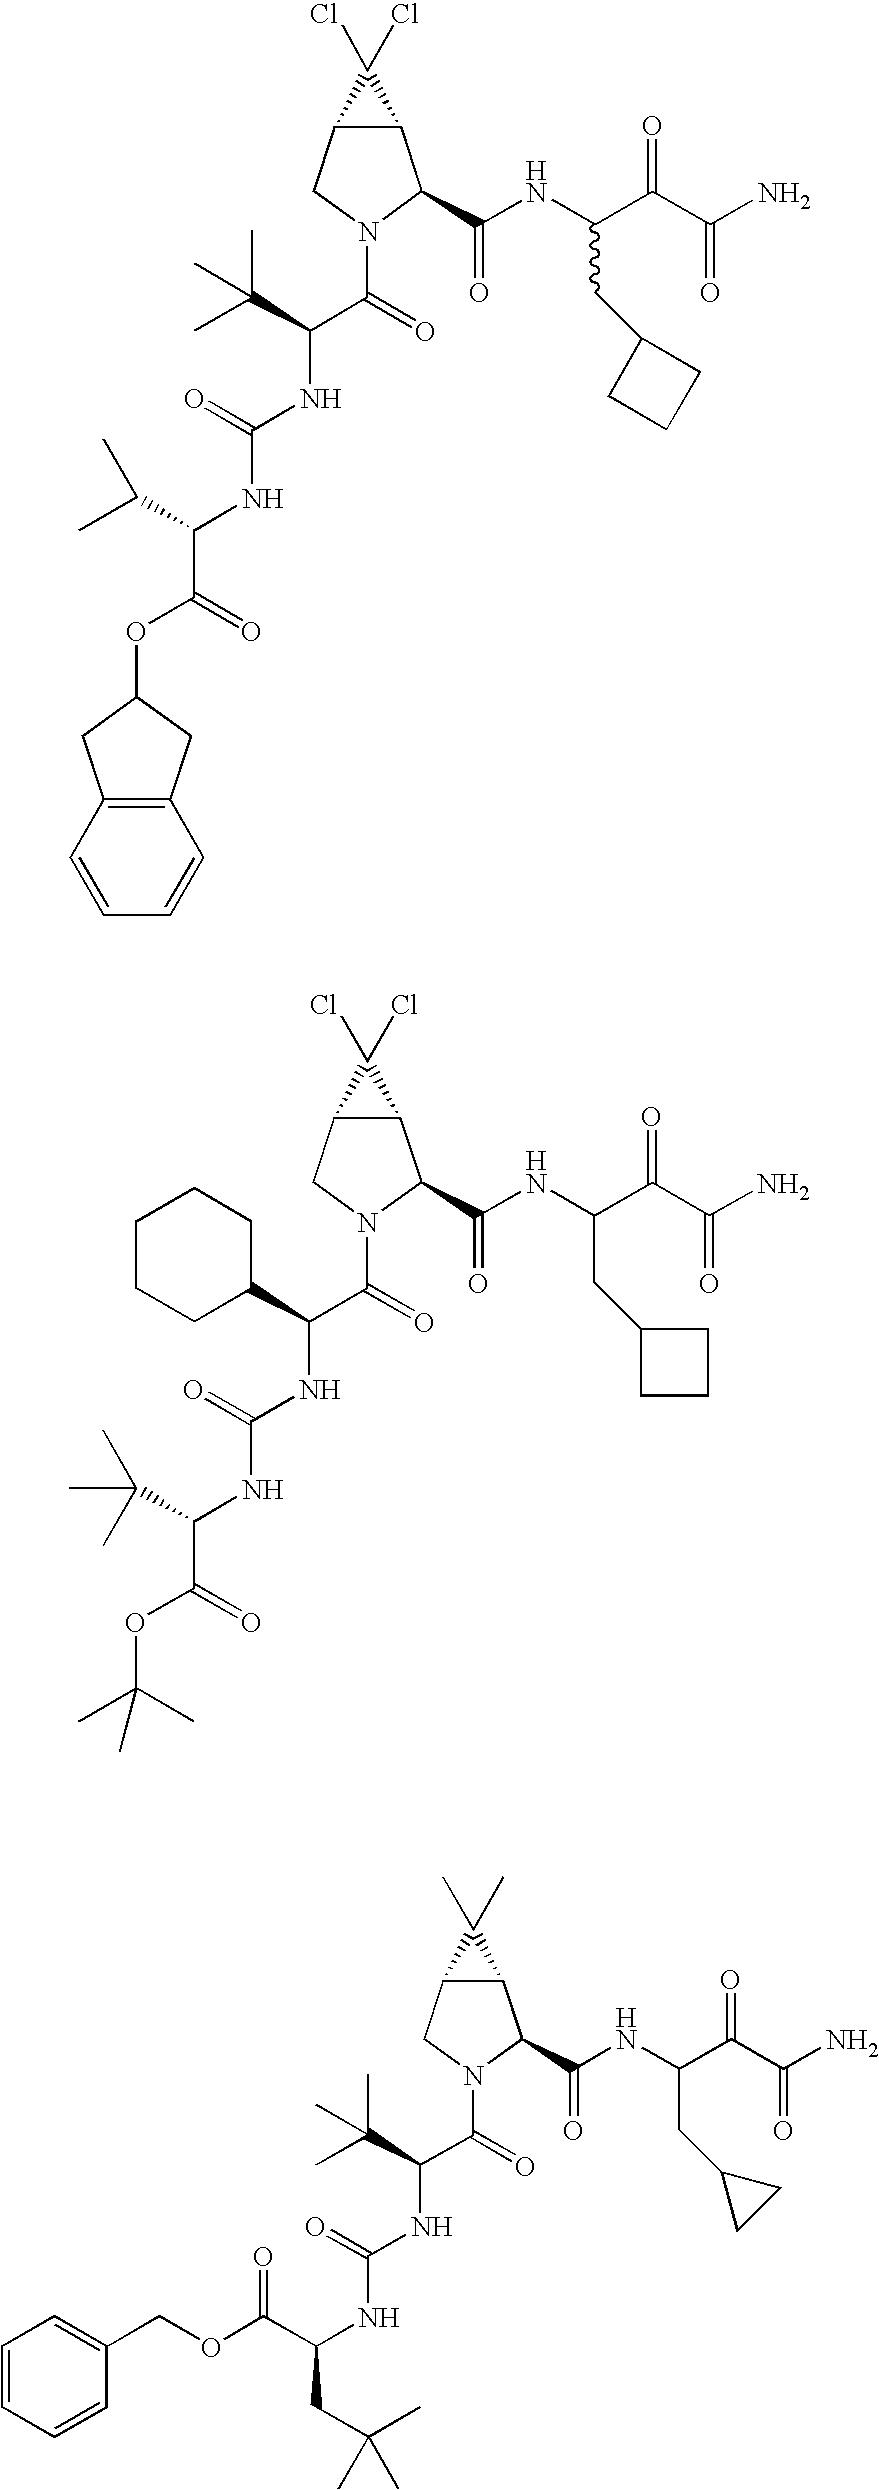 Figure US20060287248A1-20061221-C00270